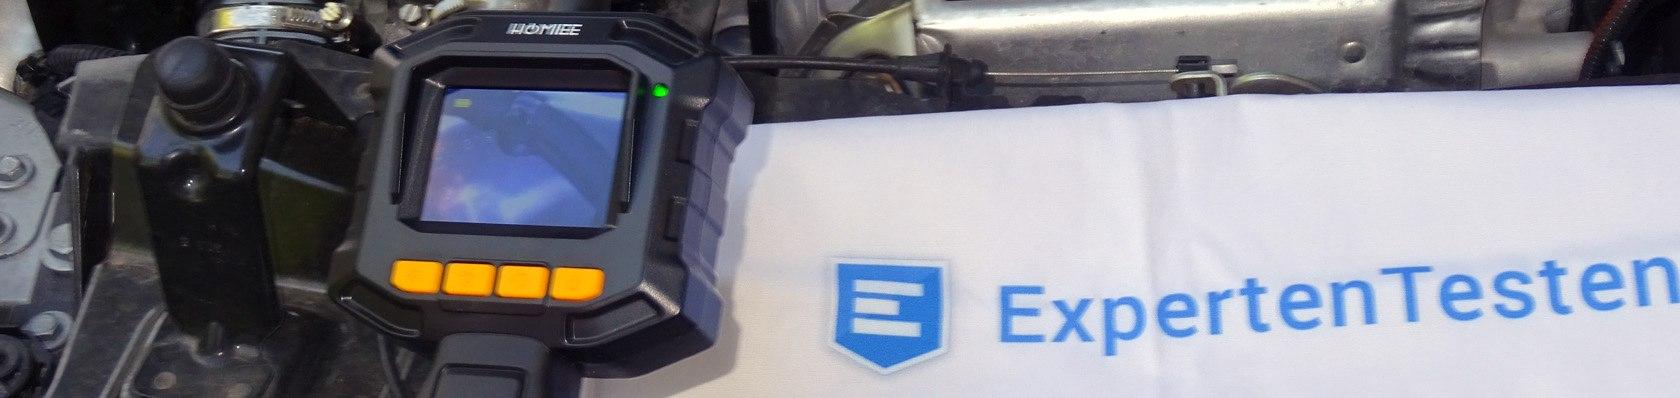 Endoskop Kameras im Test auf ExpertenTesten.de